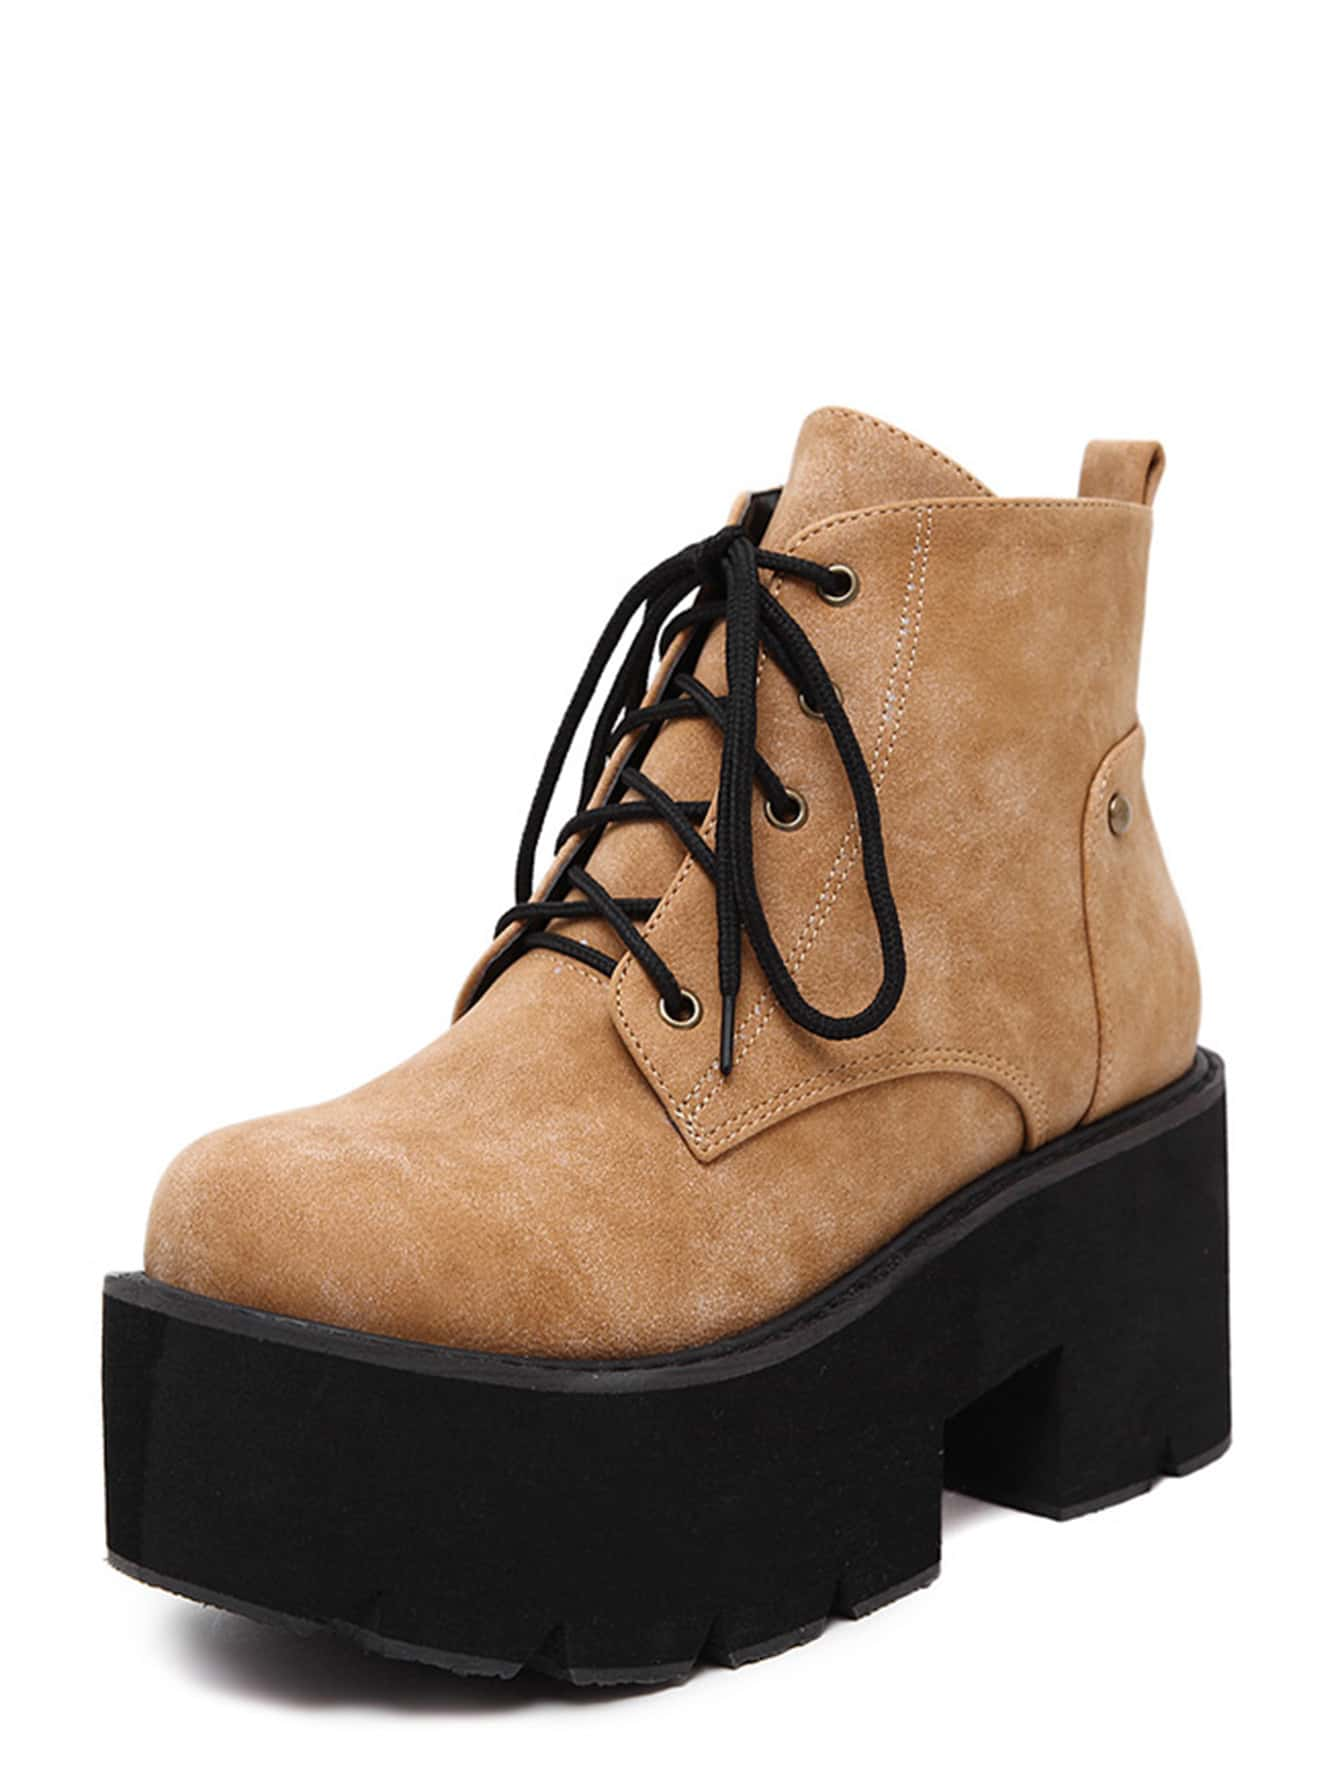 shoes160823812_2